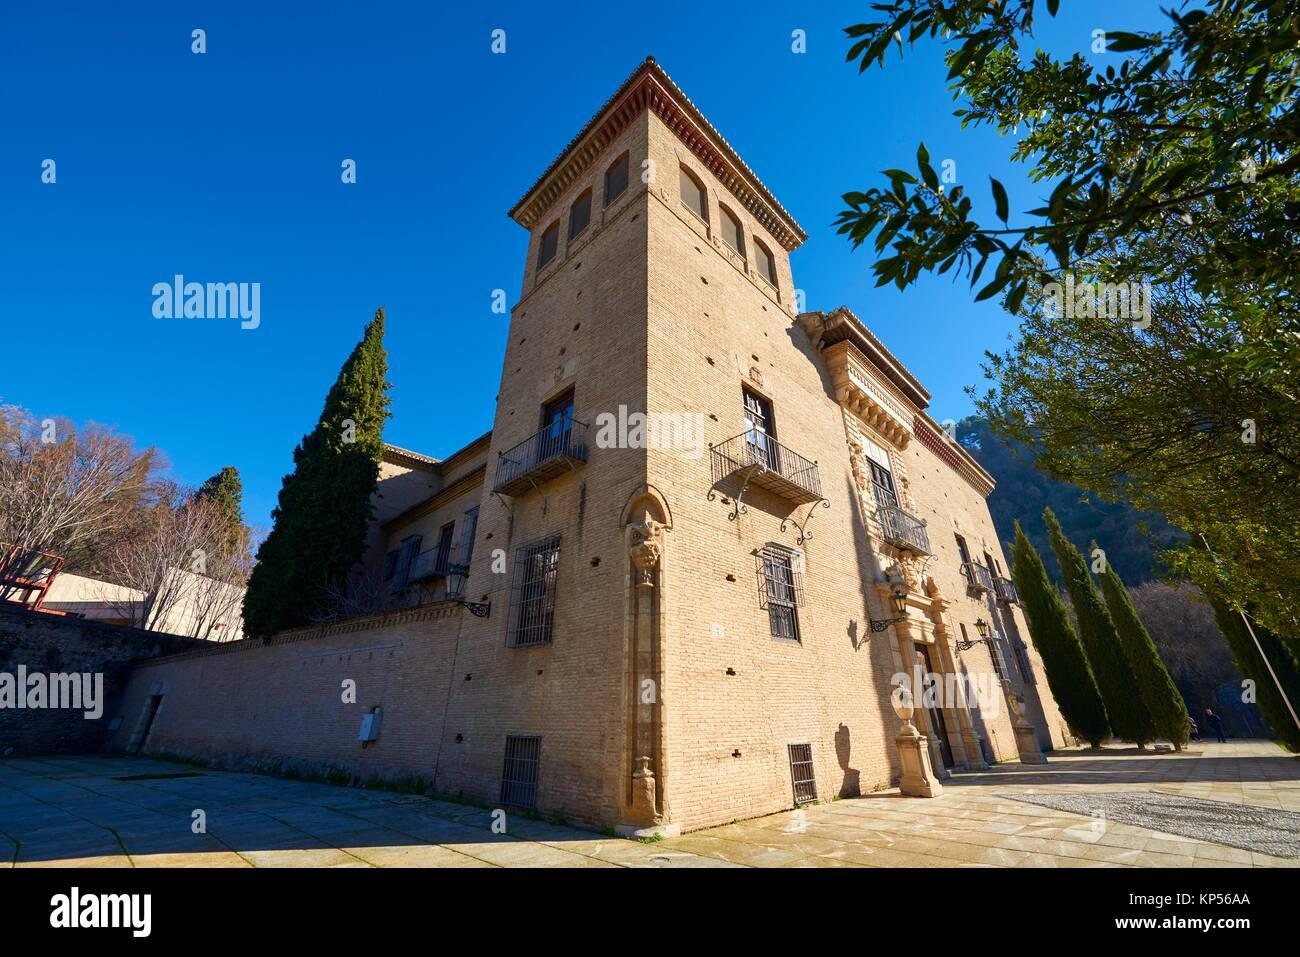 Palacio de los Córdoba (Archivio storico), Granada, Andalusia, Spagna, Europa. Immagini Stock